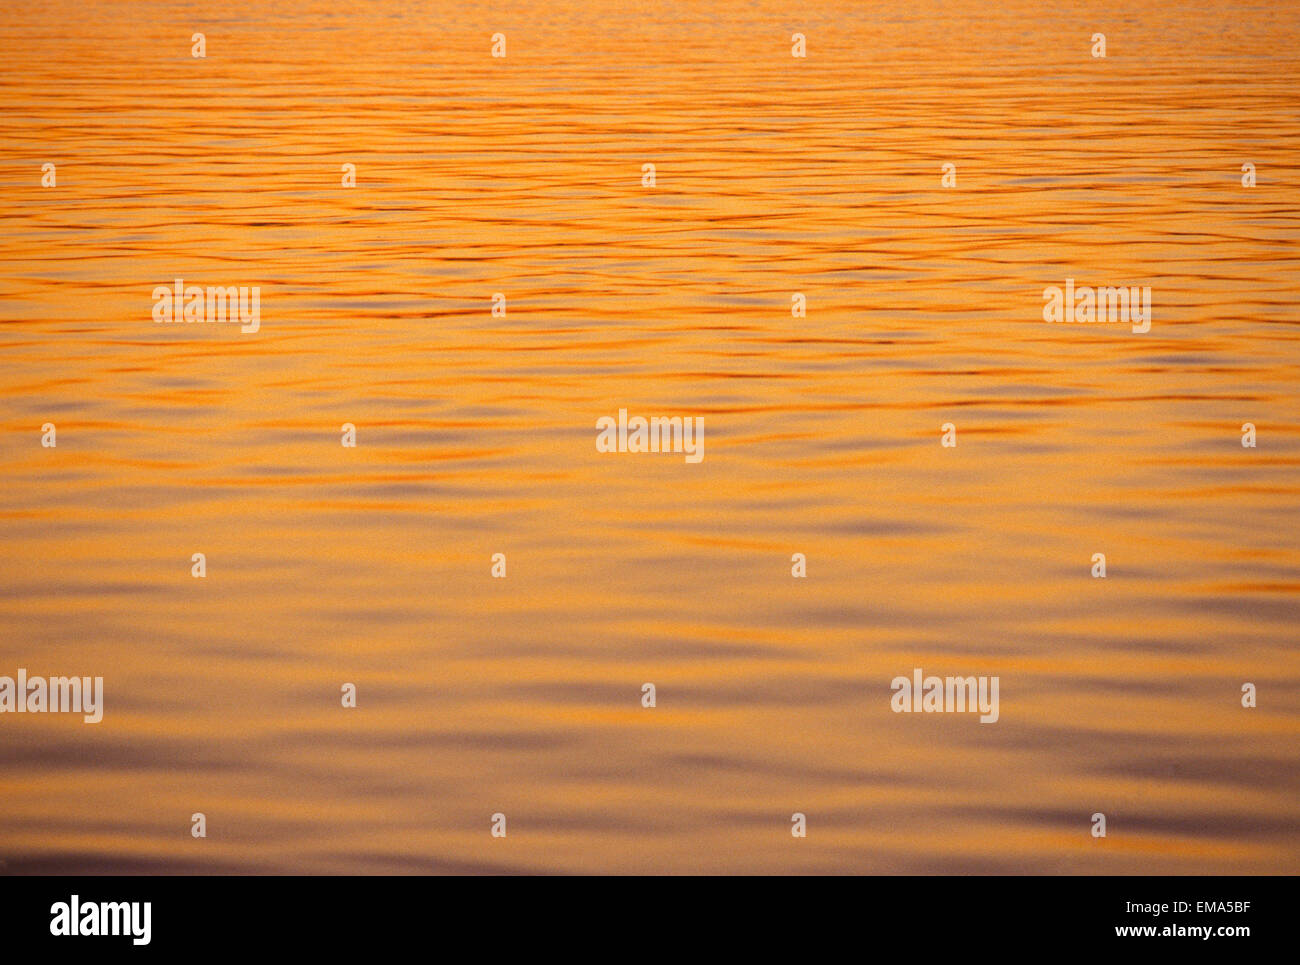 Océano superficie brillante con reflejos atardecer hermoso color naranja Imagen De Stock